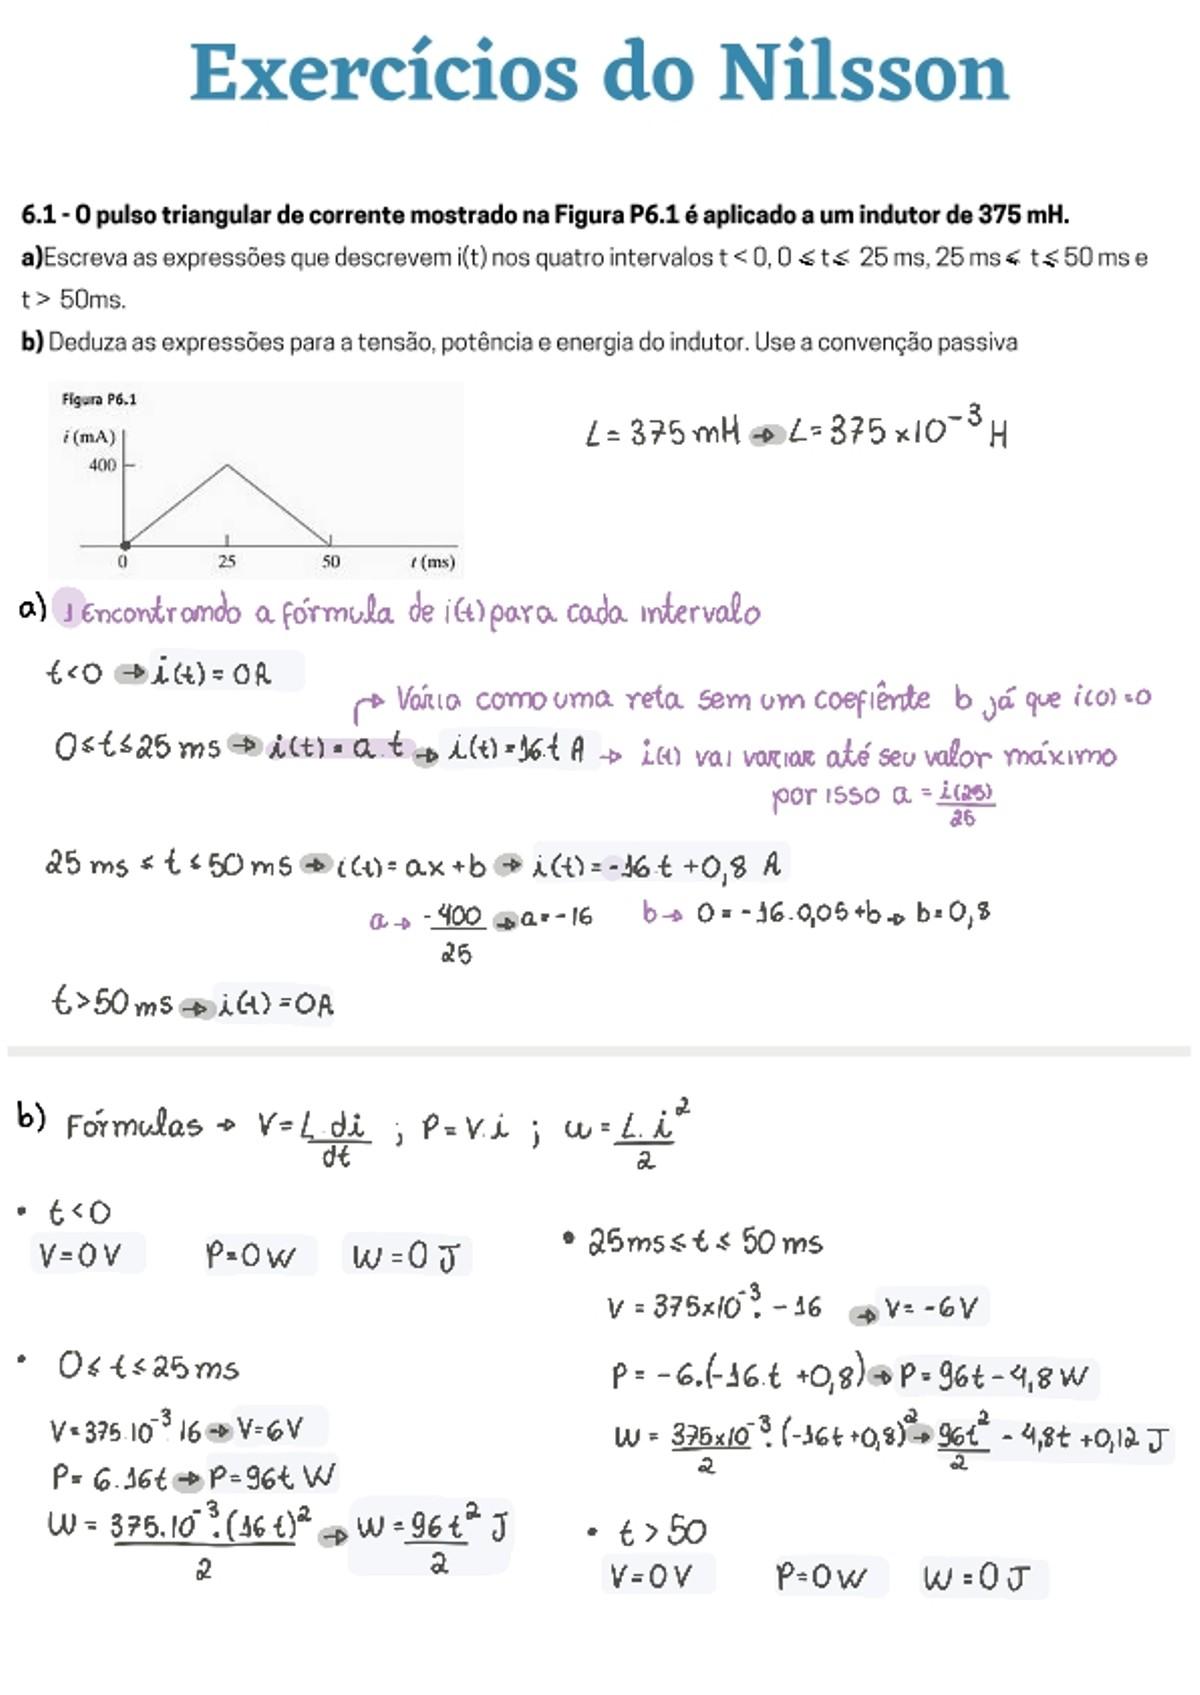 Pre-visualização do material [Resolvida] Lista de exercícios do Nilsson - Indutores e Condutores - página 1